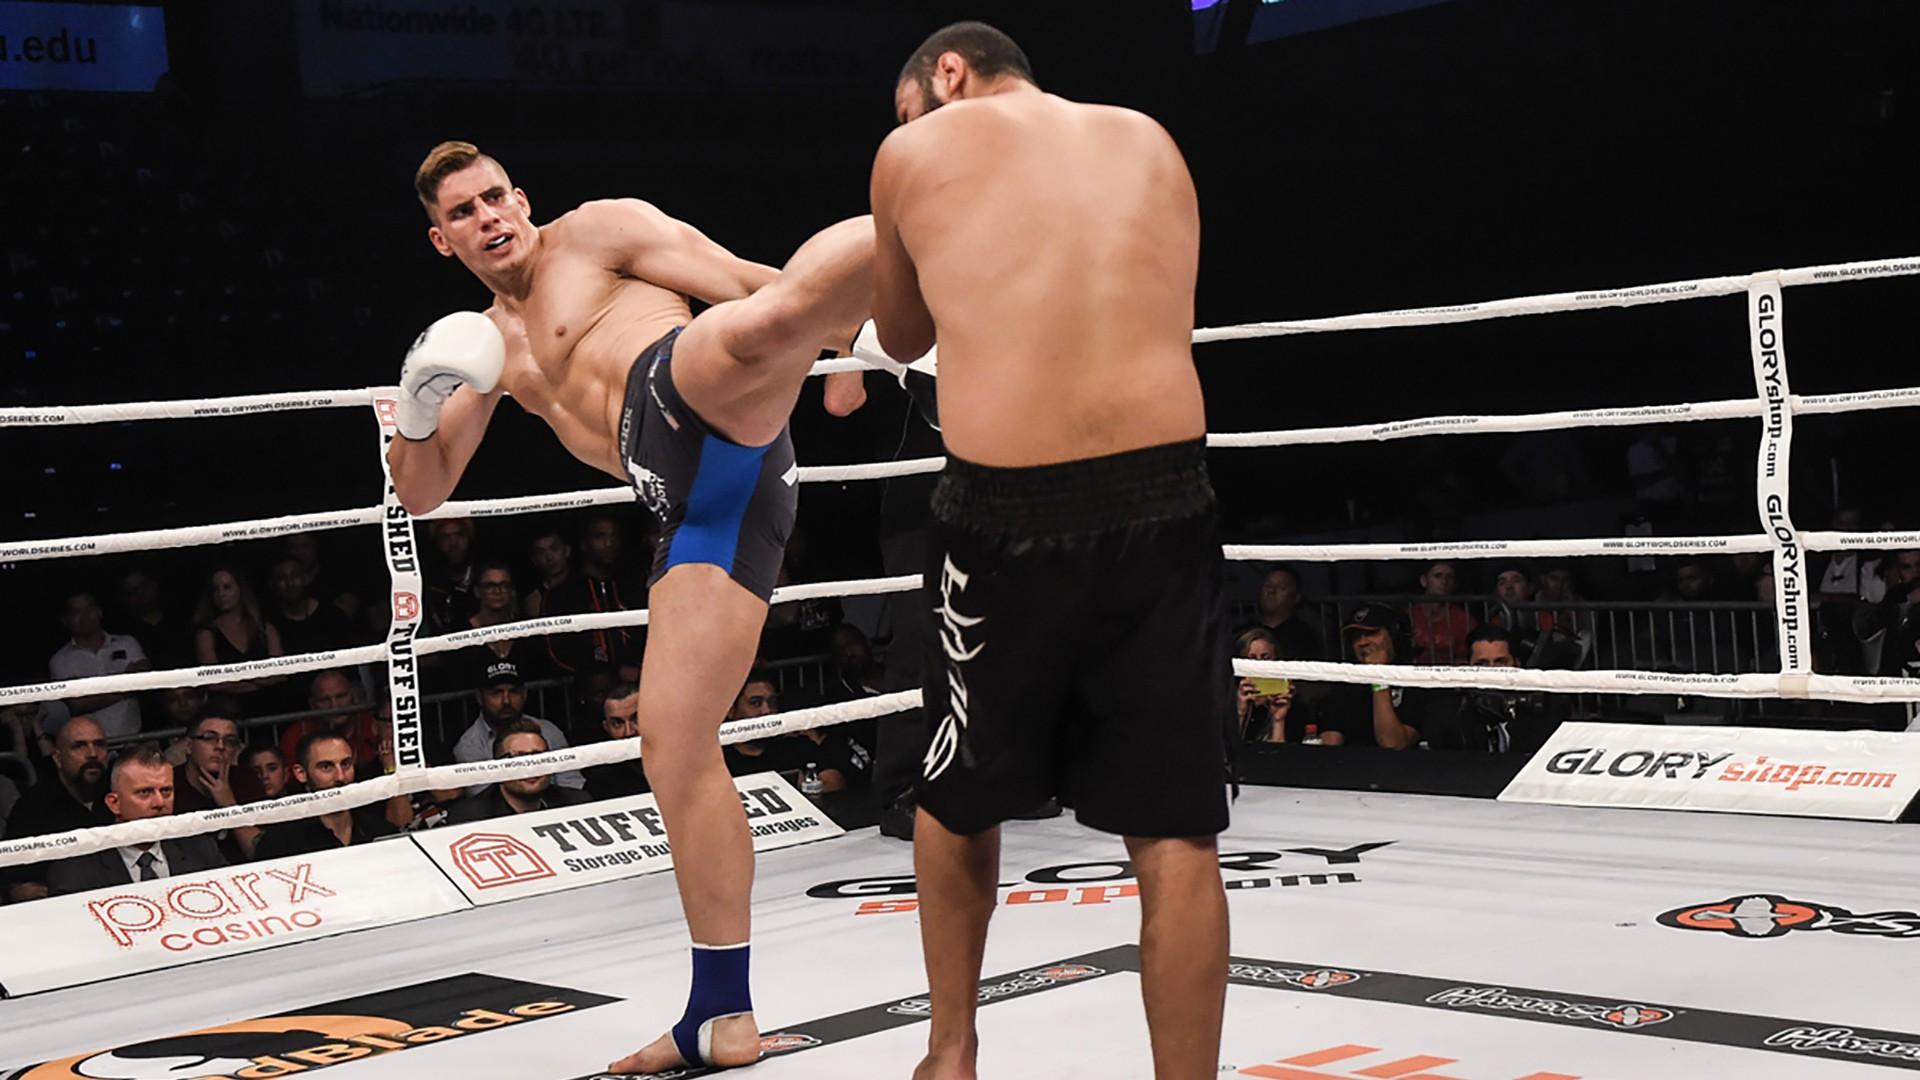 Nối gót Sambo, Kickboxing cũng sắp trở thành một môn Olympic - Ảnh 2.